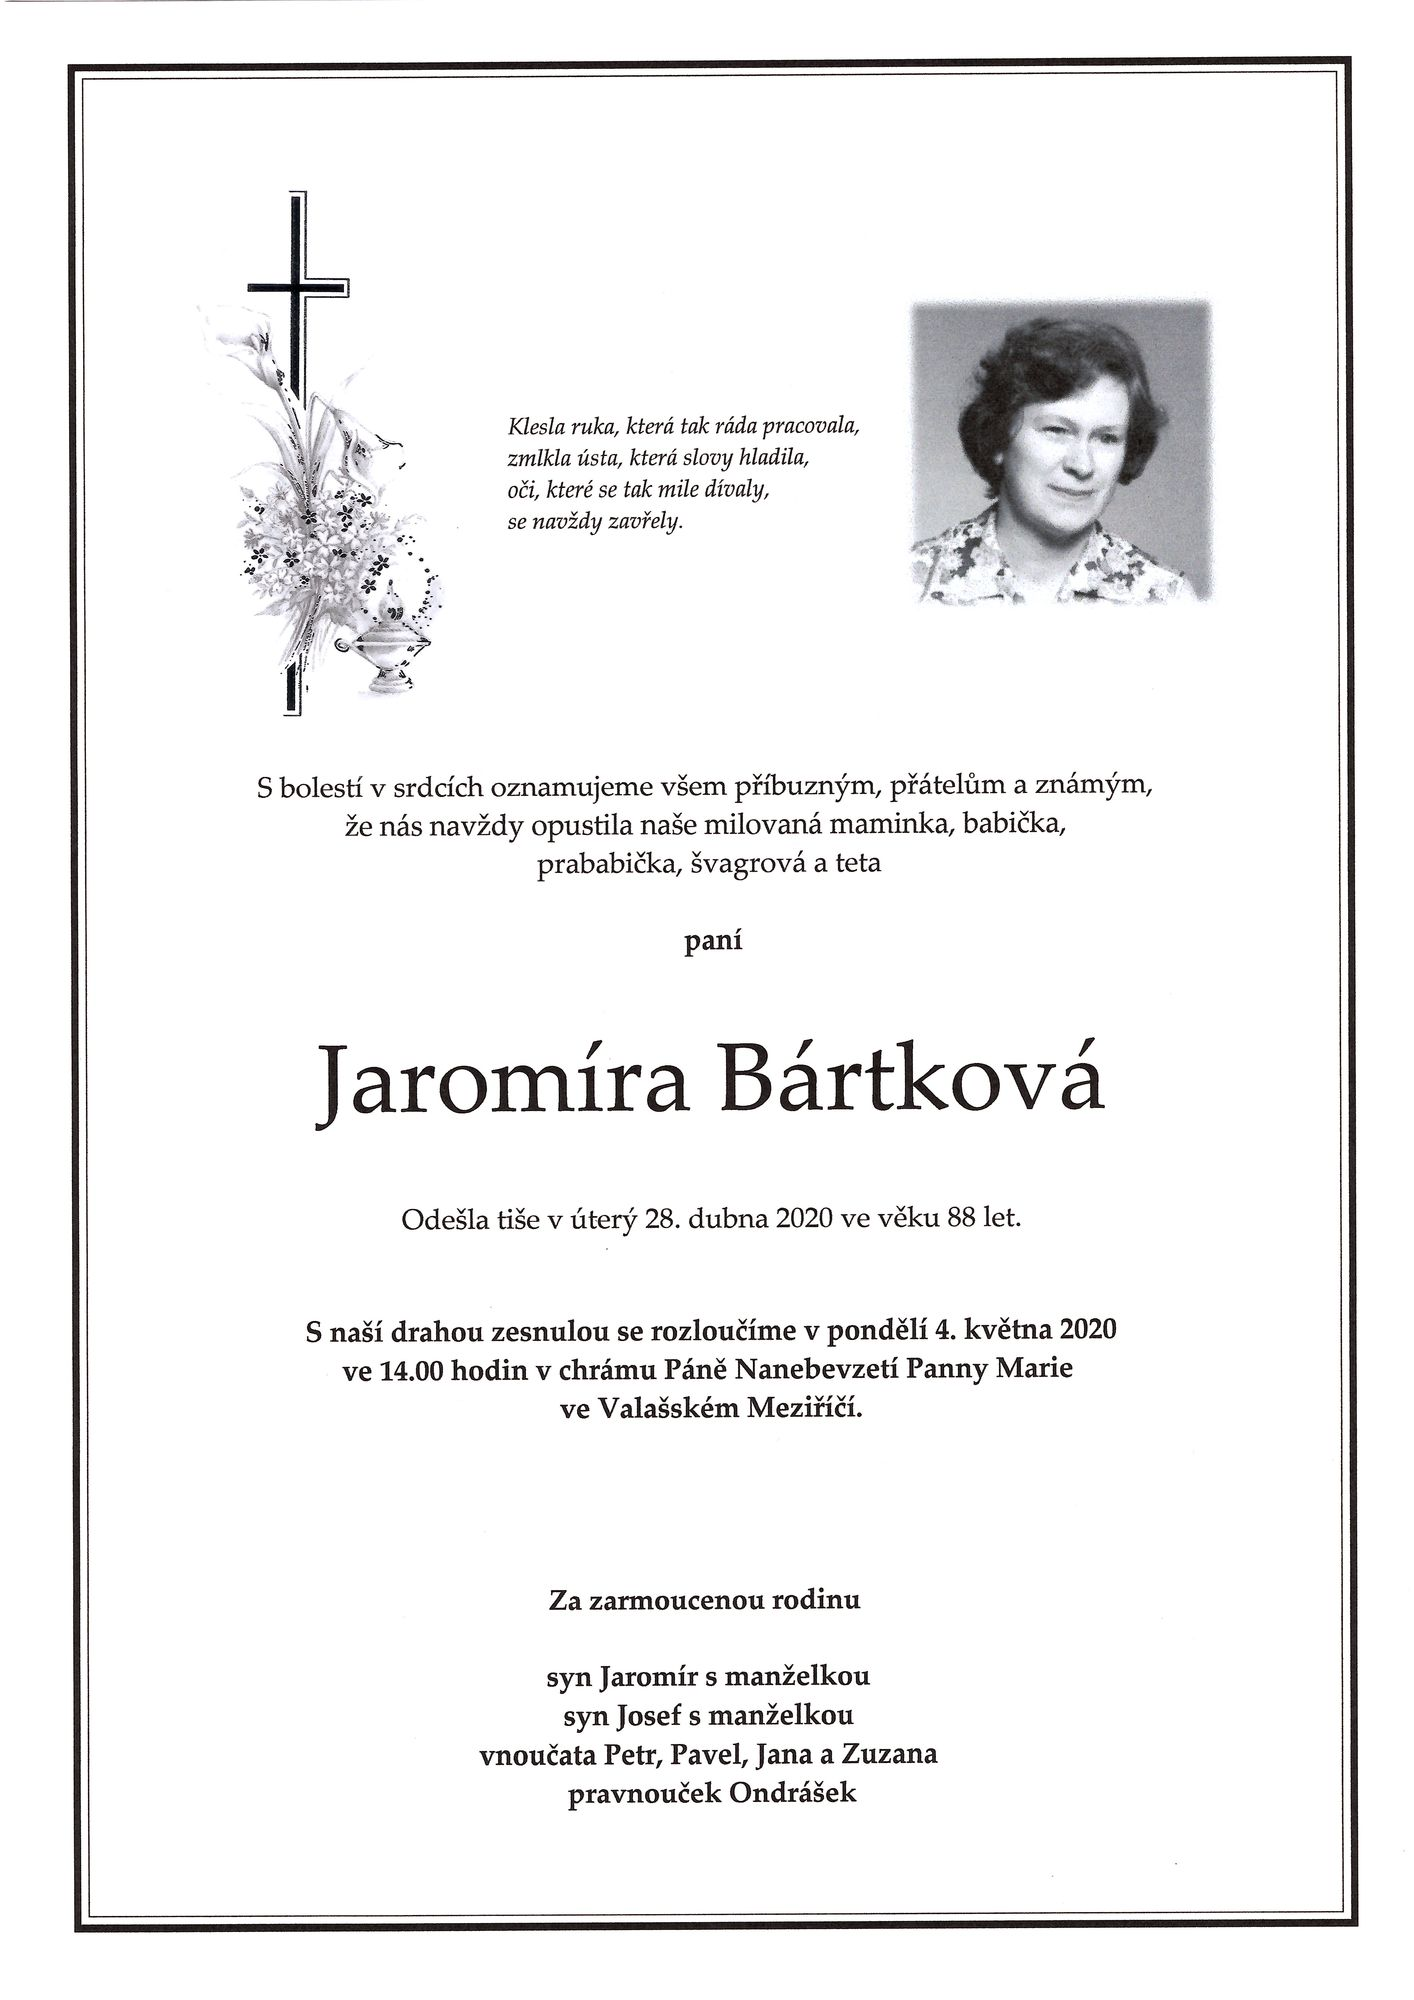 Jaromíra Bártková